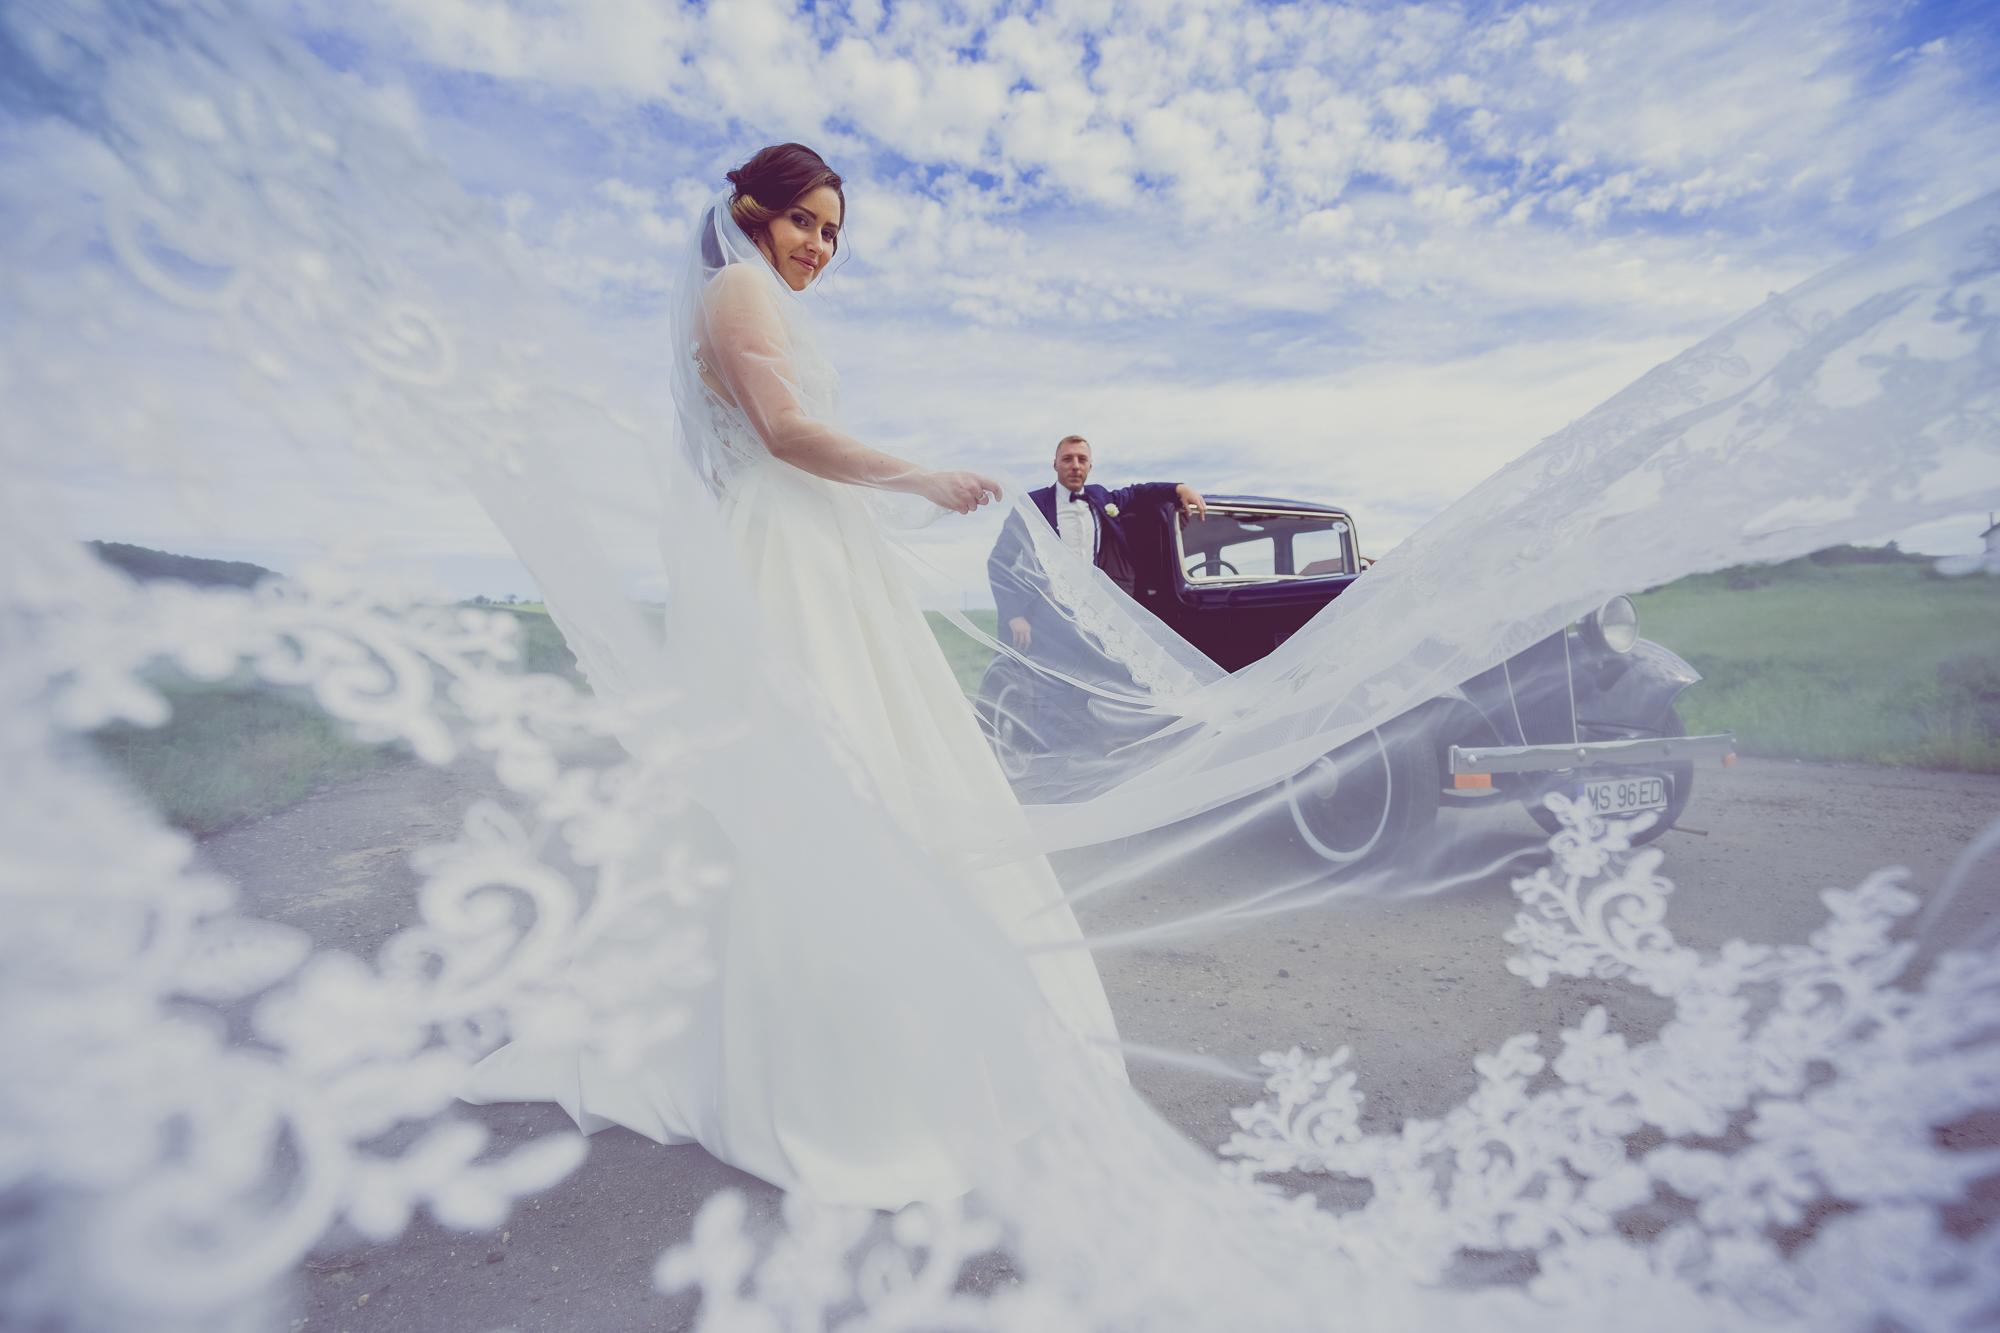 fotografie de nunta, mirii cu masina de epoca, cadru larg cu cer senin , voalul miresei zboara,